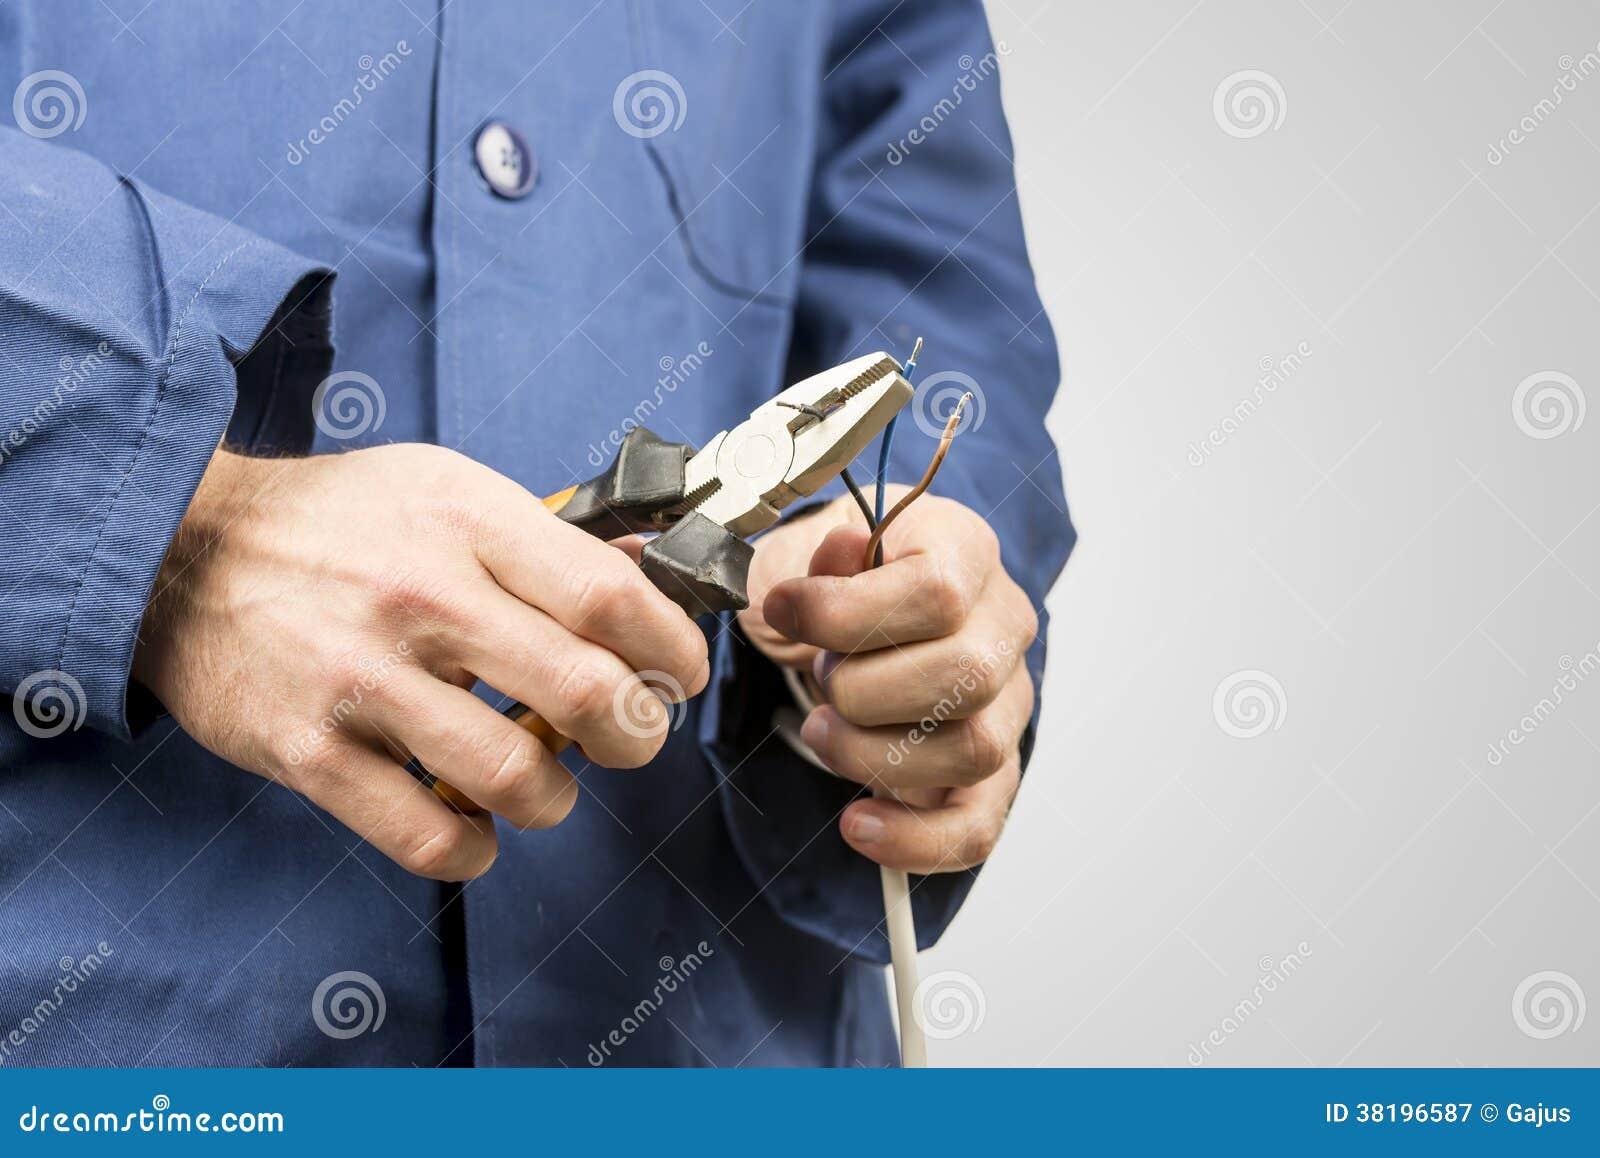 Eletricista que repara um cabo bonde